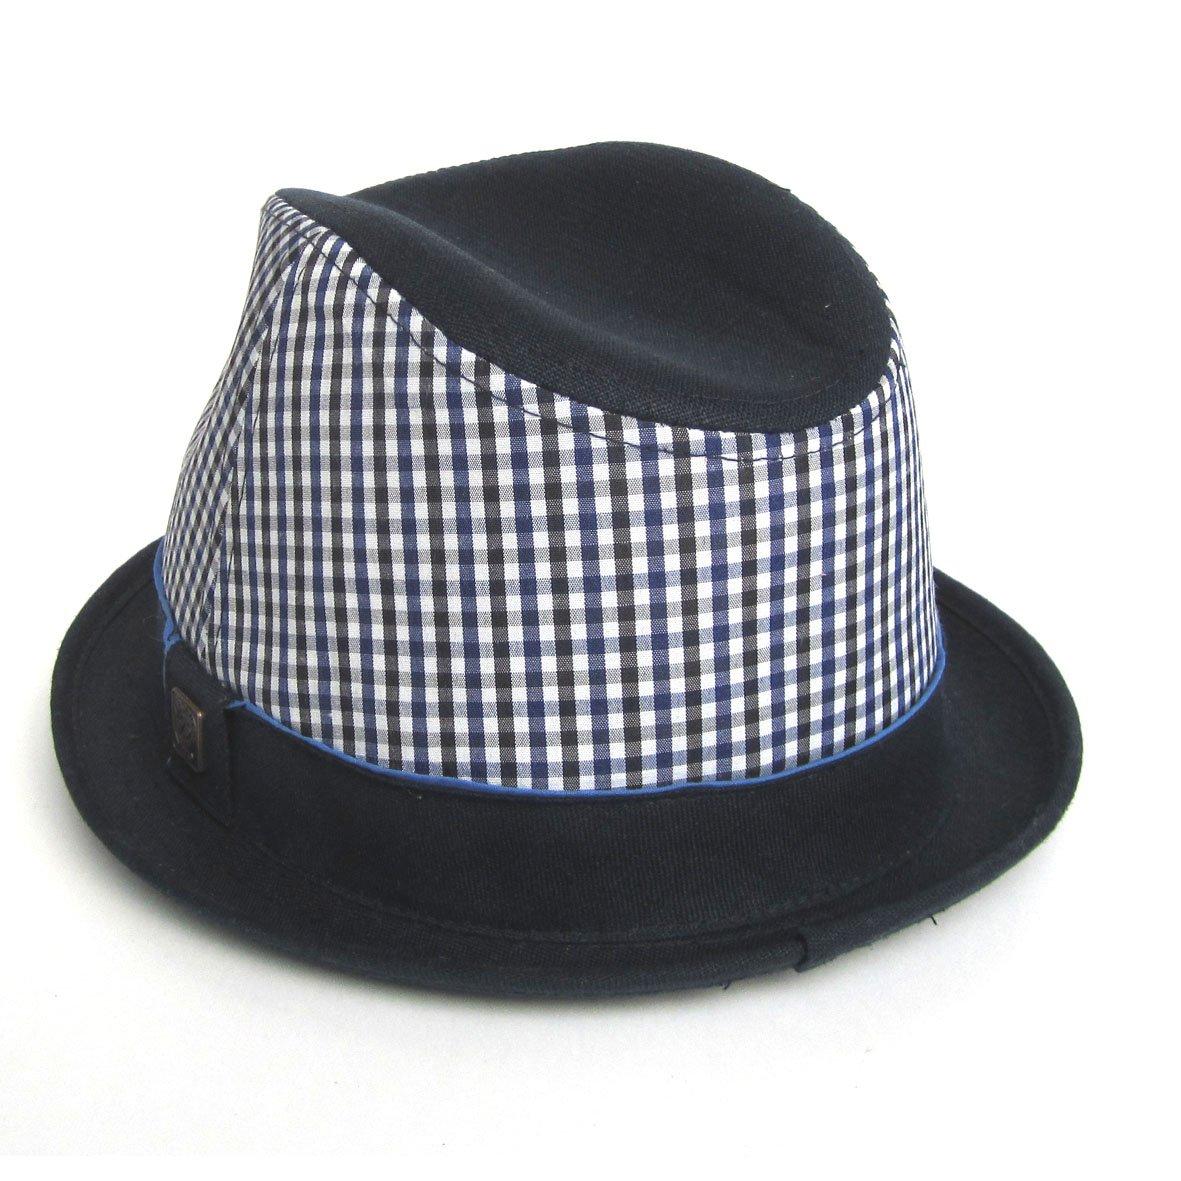 Dasmarca Mens Gingham Cotton Skimpy Brim Summer Hat